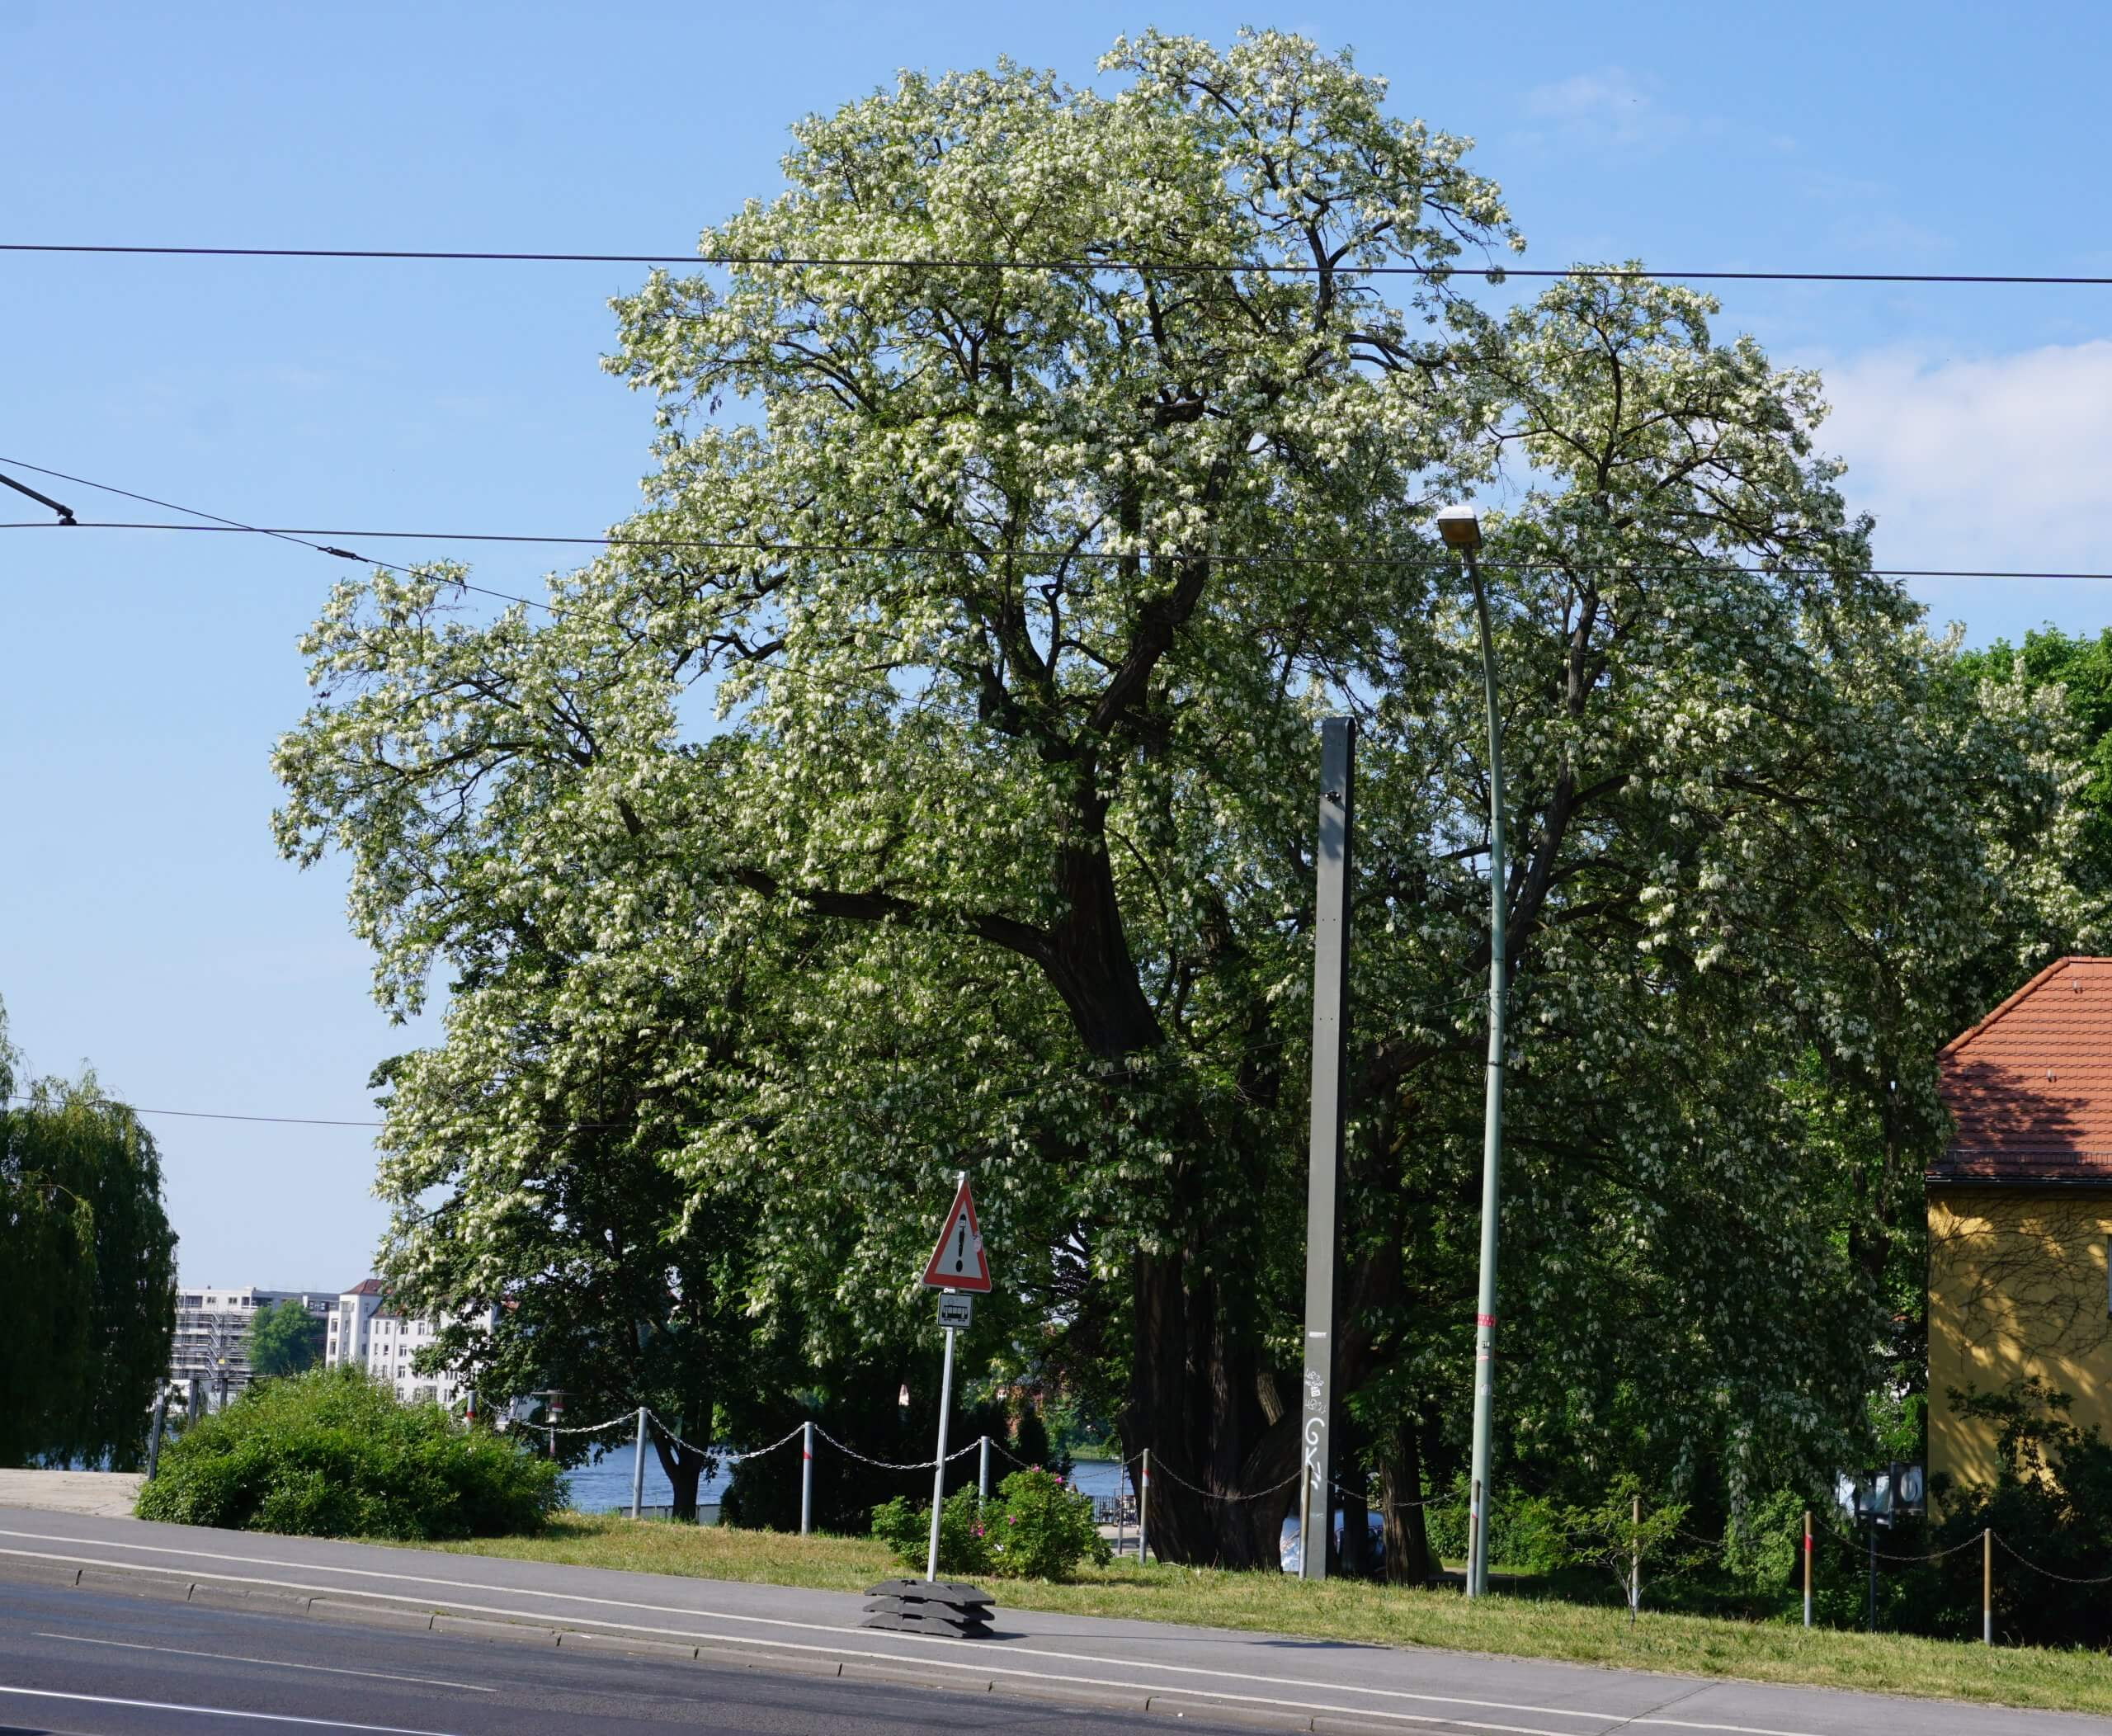 Das Bild zeigt ein stattliches Exemplar einer Robinie als Stadtbaum. Dieser, an einem gut belichteten Standort sich befindliche Baum zeigt eine kugelförmige Krone. Hier an der Langen Brücke über die Dahme an der Altstadtseite von Köpenick, Juni 2021.